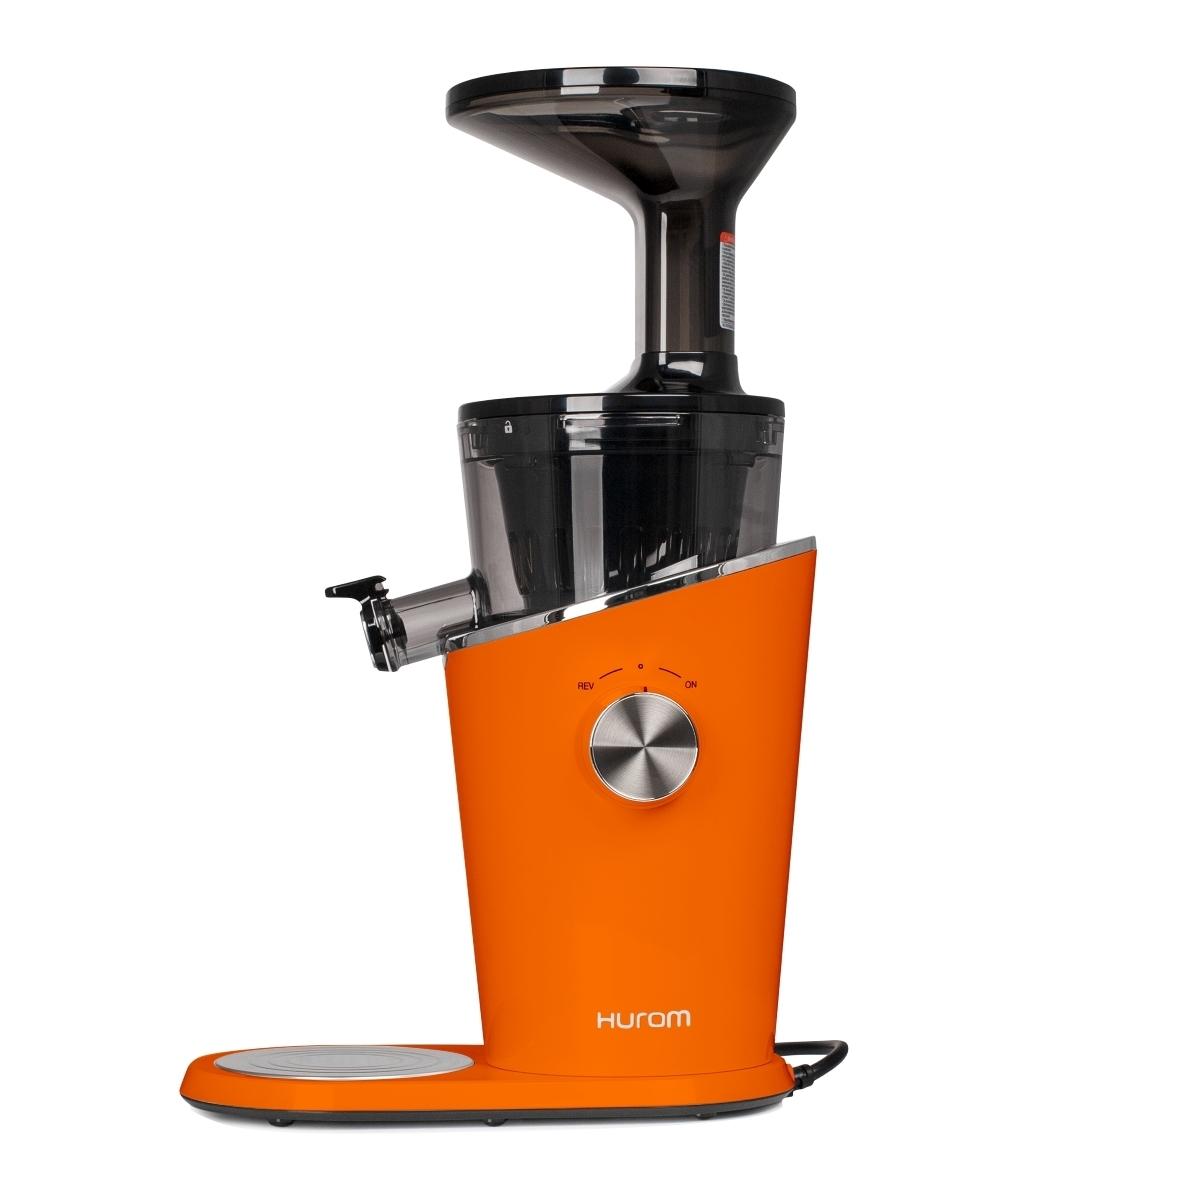 Соковыжималки Соковыжималка Hurom H-100-OBEA01, 4 поколение, оранжевый Hurom_h-100_orange_main.jpg